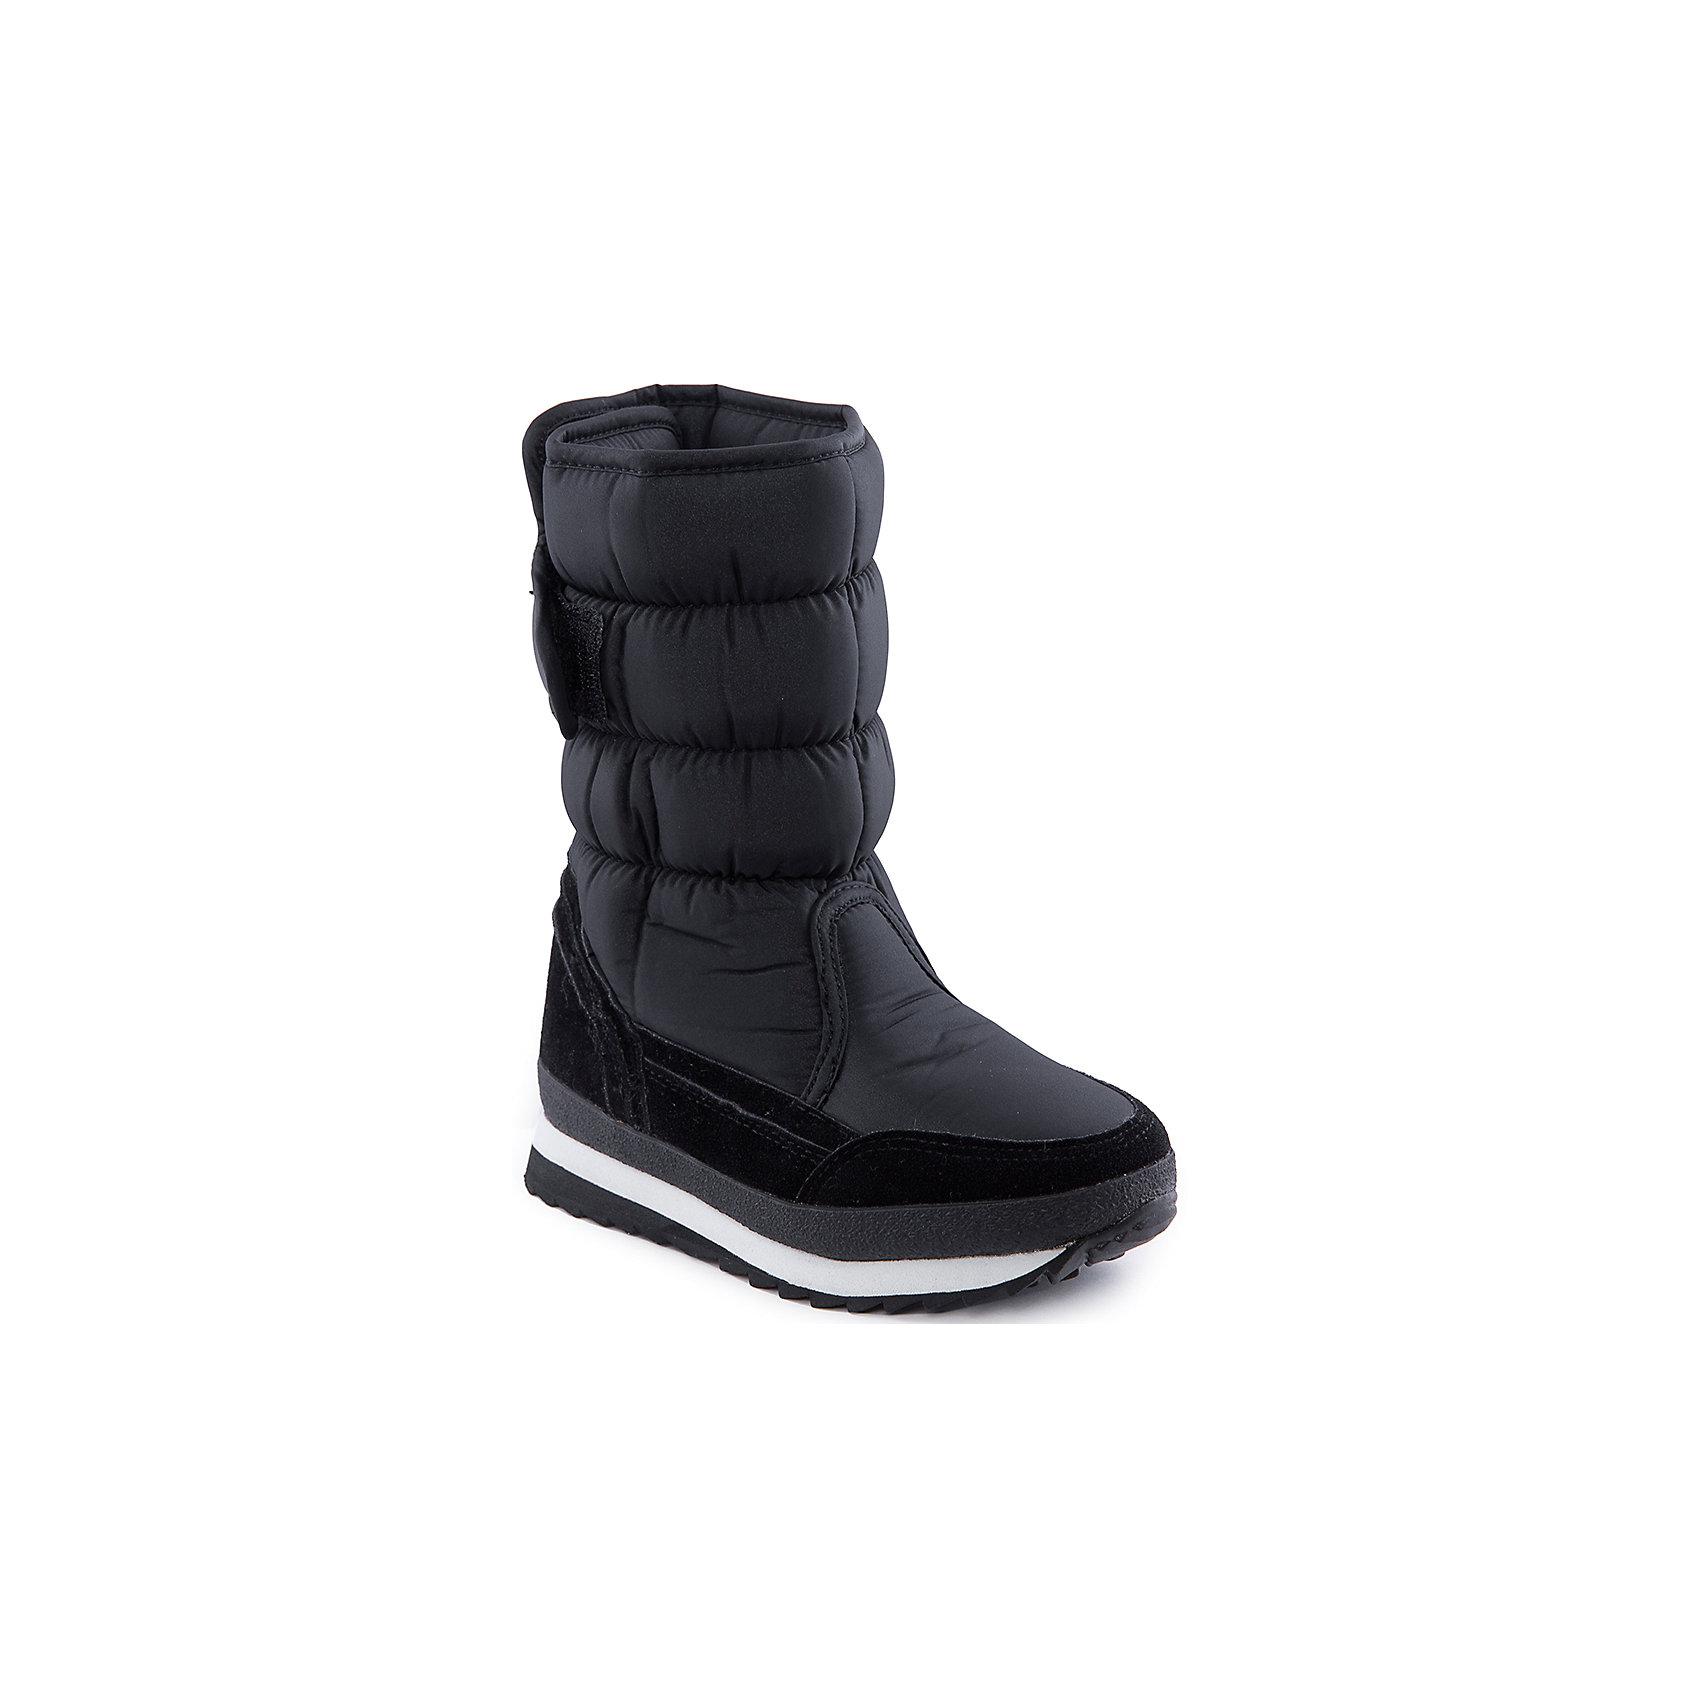 Сапоги для девочки MURSUСтильные сапоги от известного бренда MURSU порадуют всех юных модниц. Модель имеет толстую подошву, отлично защищающую ноги от холода, выполнена из высококачественных материалов, очень хорошо смотрится на ноге.   Прекрасный вариант на холодную погоду. <br><br>Дополнительная информация:<br><br>- Сезон: зима/осень.<br>- Тепловой режим: от -5? до -25? <br>- Цвет: черный.<br>- Рифленая подошва.<br>- Тип застежки: липучка. <br><br>Состав:<br>- Материал верха: текстиль/ искусственная замша.<br>- Материал подкладки: искусственная шерсть.<br>- Материал подошвы: TEP.<br>- Материал стельки: искусственная шерсть.<br><br>Сапоги для девочки MURSU (Мурсу) можно купить в нашем магазине.<br><br>Ширина мм: 257<br>Глубина мм: 180<br>Высота мм: 130<br>Вес г: 420<br>Цвет: черный<br>Возраст от месяцев: 96<br>Возраст до месяцев: 108<br>Пол: Женский<br>Возраст: Детский<br>Размер: 33,35,36,32,37,34<br>SKU: 4202569